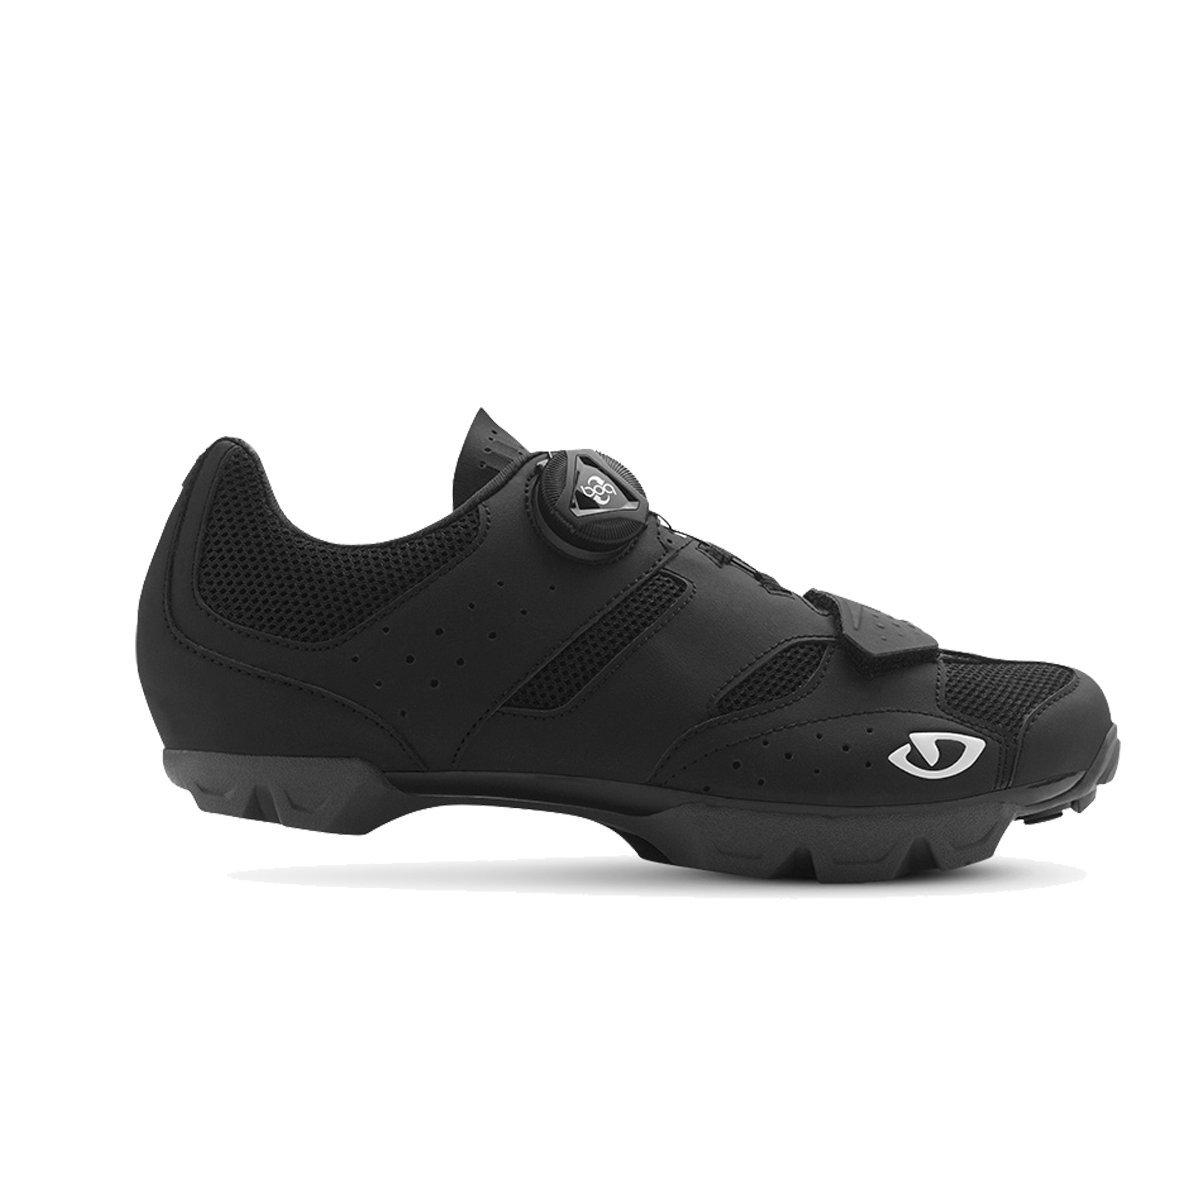 Giro Cylinder MTB Zapatos de Bicicleta de monta/ña para Mujer